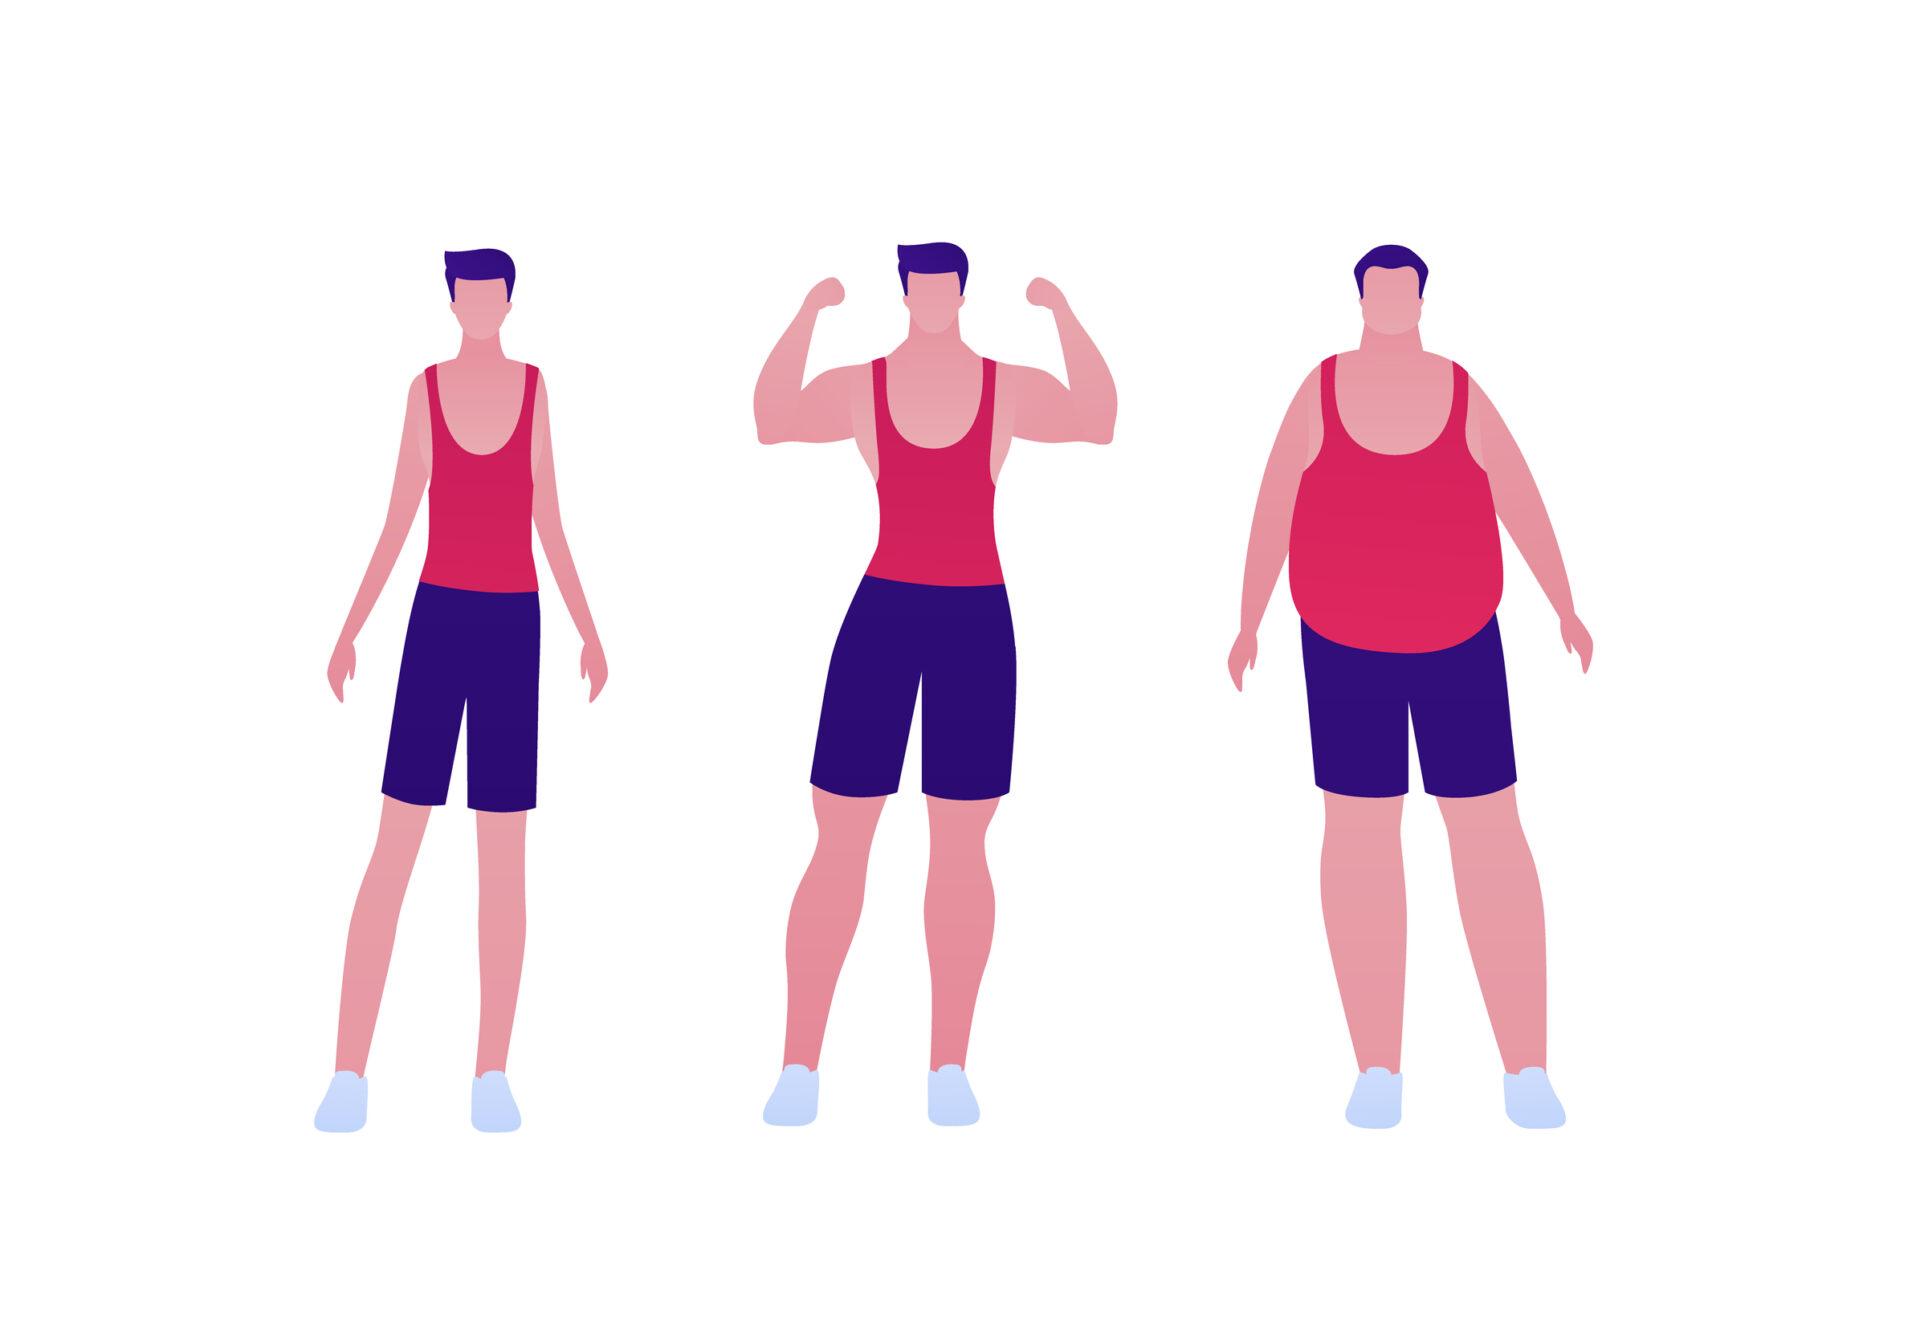 Un proces natural de creștere de masă musculară durează de obicei minim 6 luni. Este un proces în care rezultatele trebuie întreținute prin sport constant de-a lungul vieții.